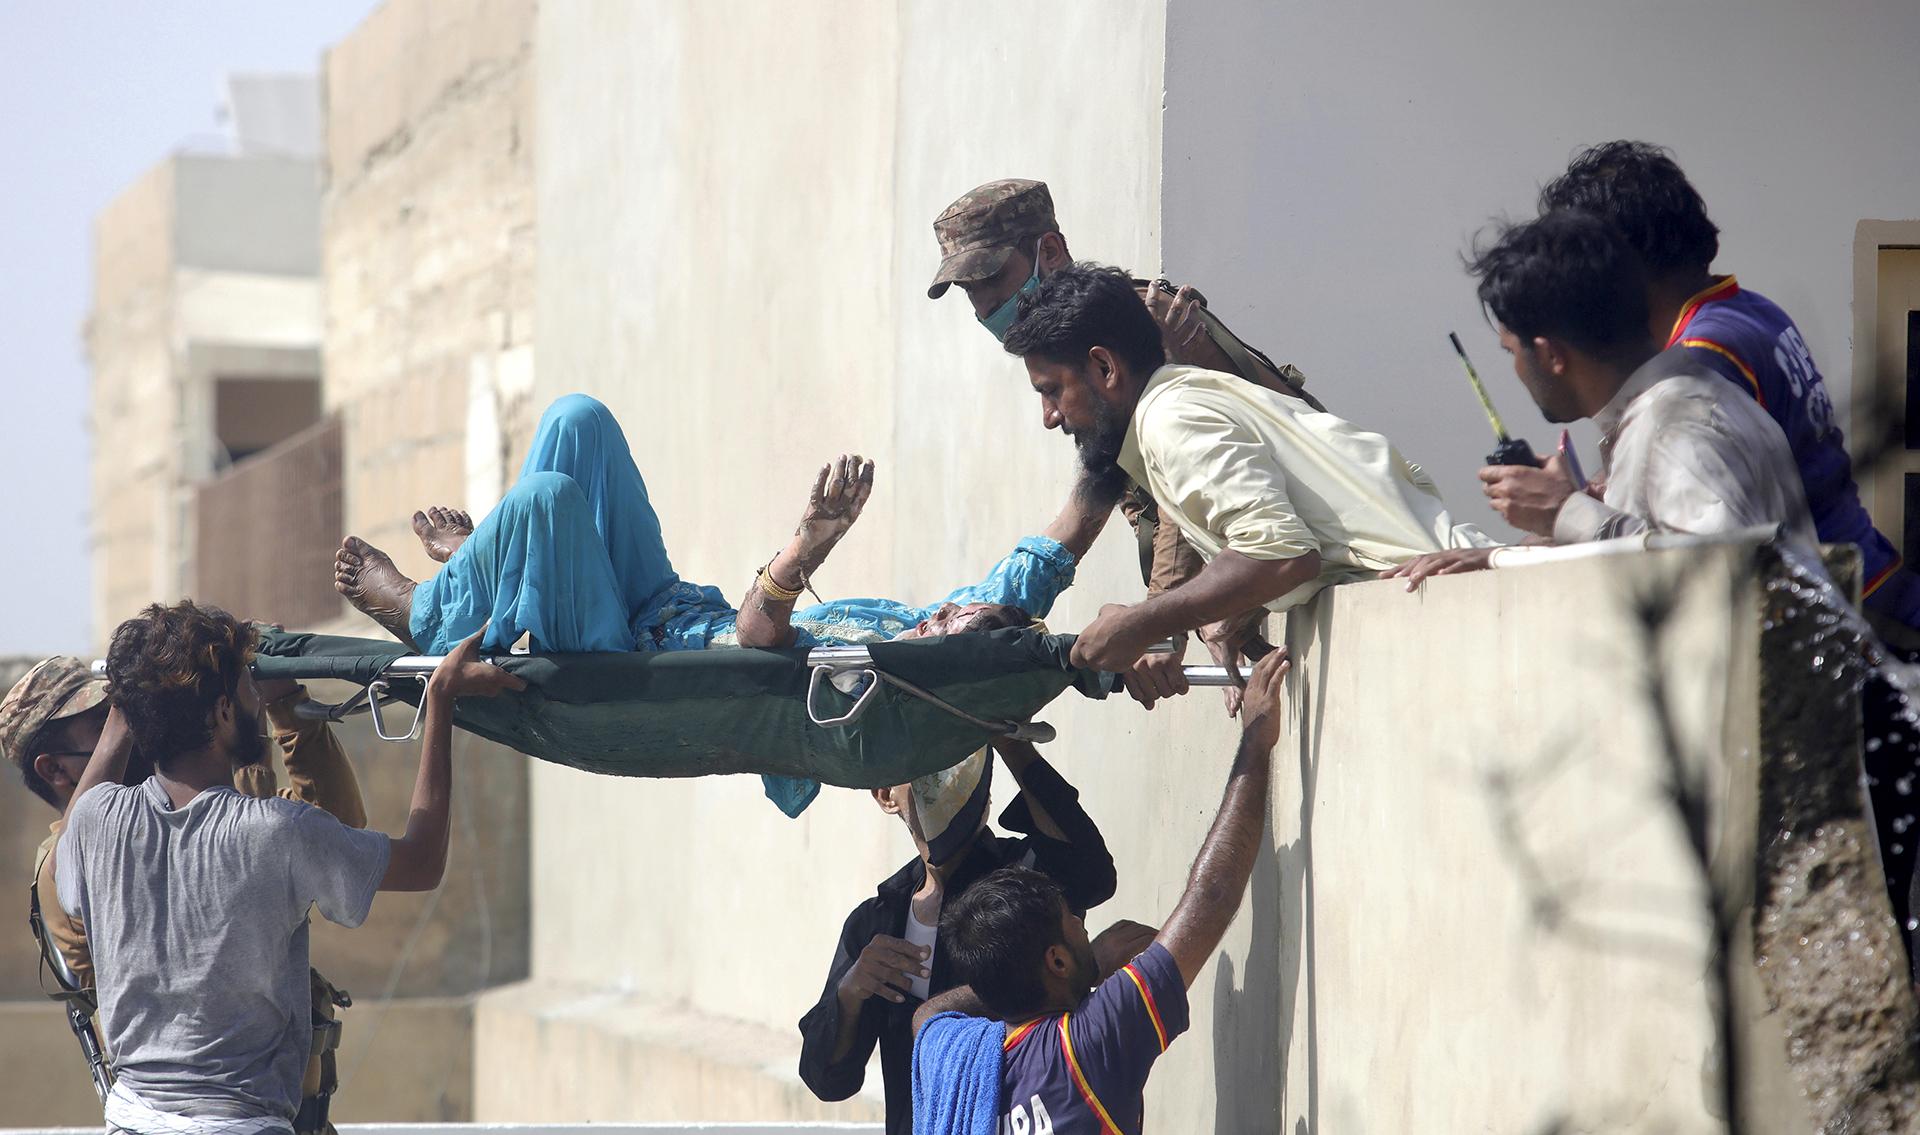 Se estrelló cerca del aeropuerto de Karachi (AP Photo/Fareed Khan)